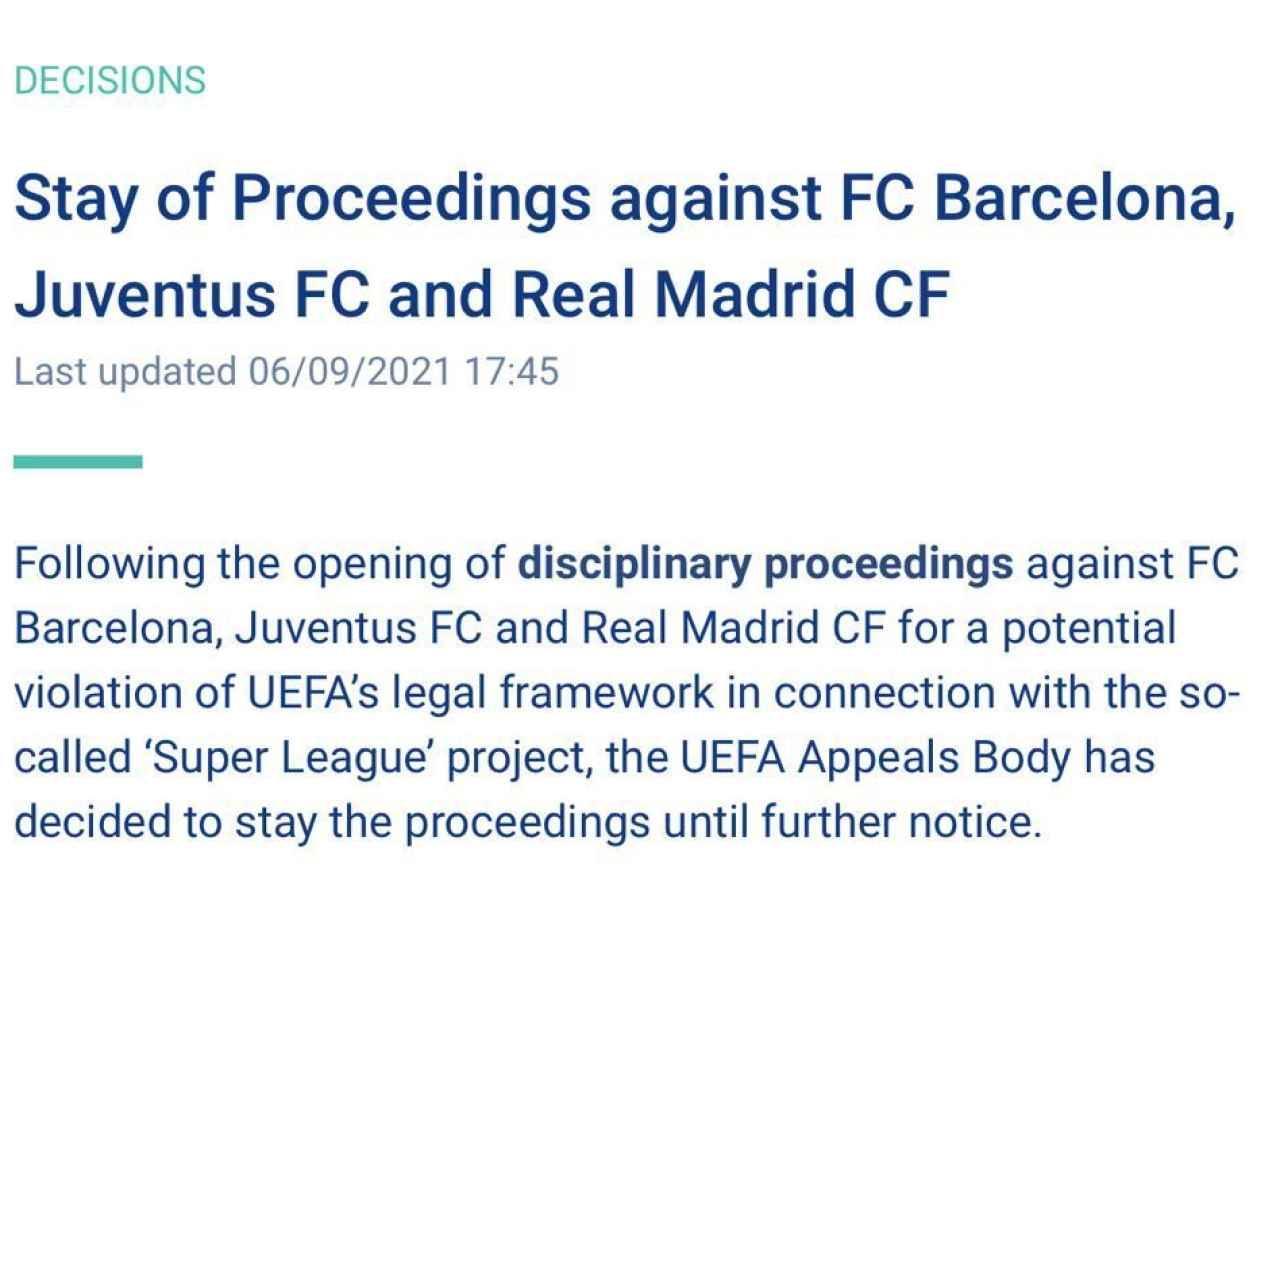 La nota de UEFA anunciando la paralización del expediente sancionador